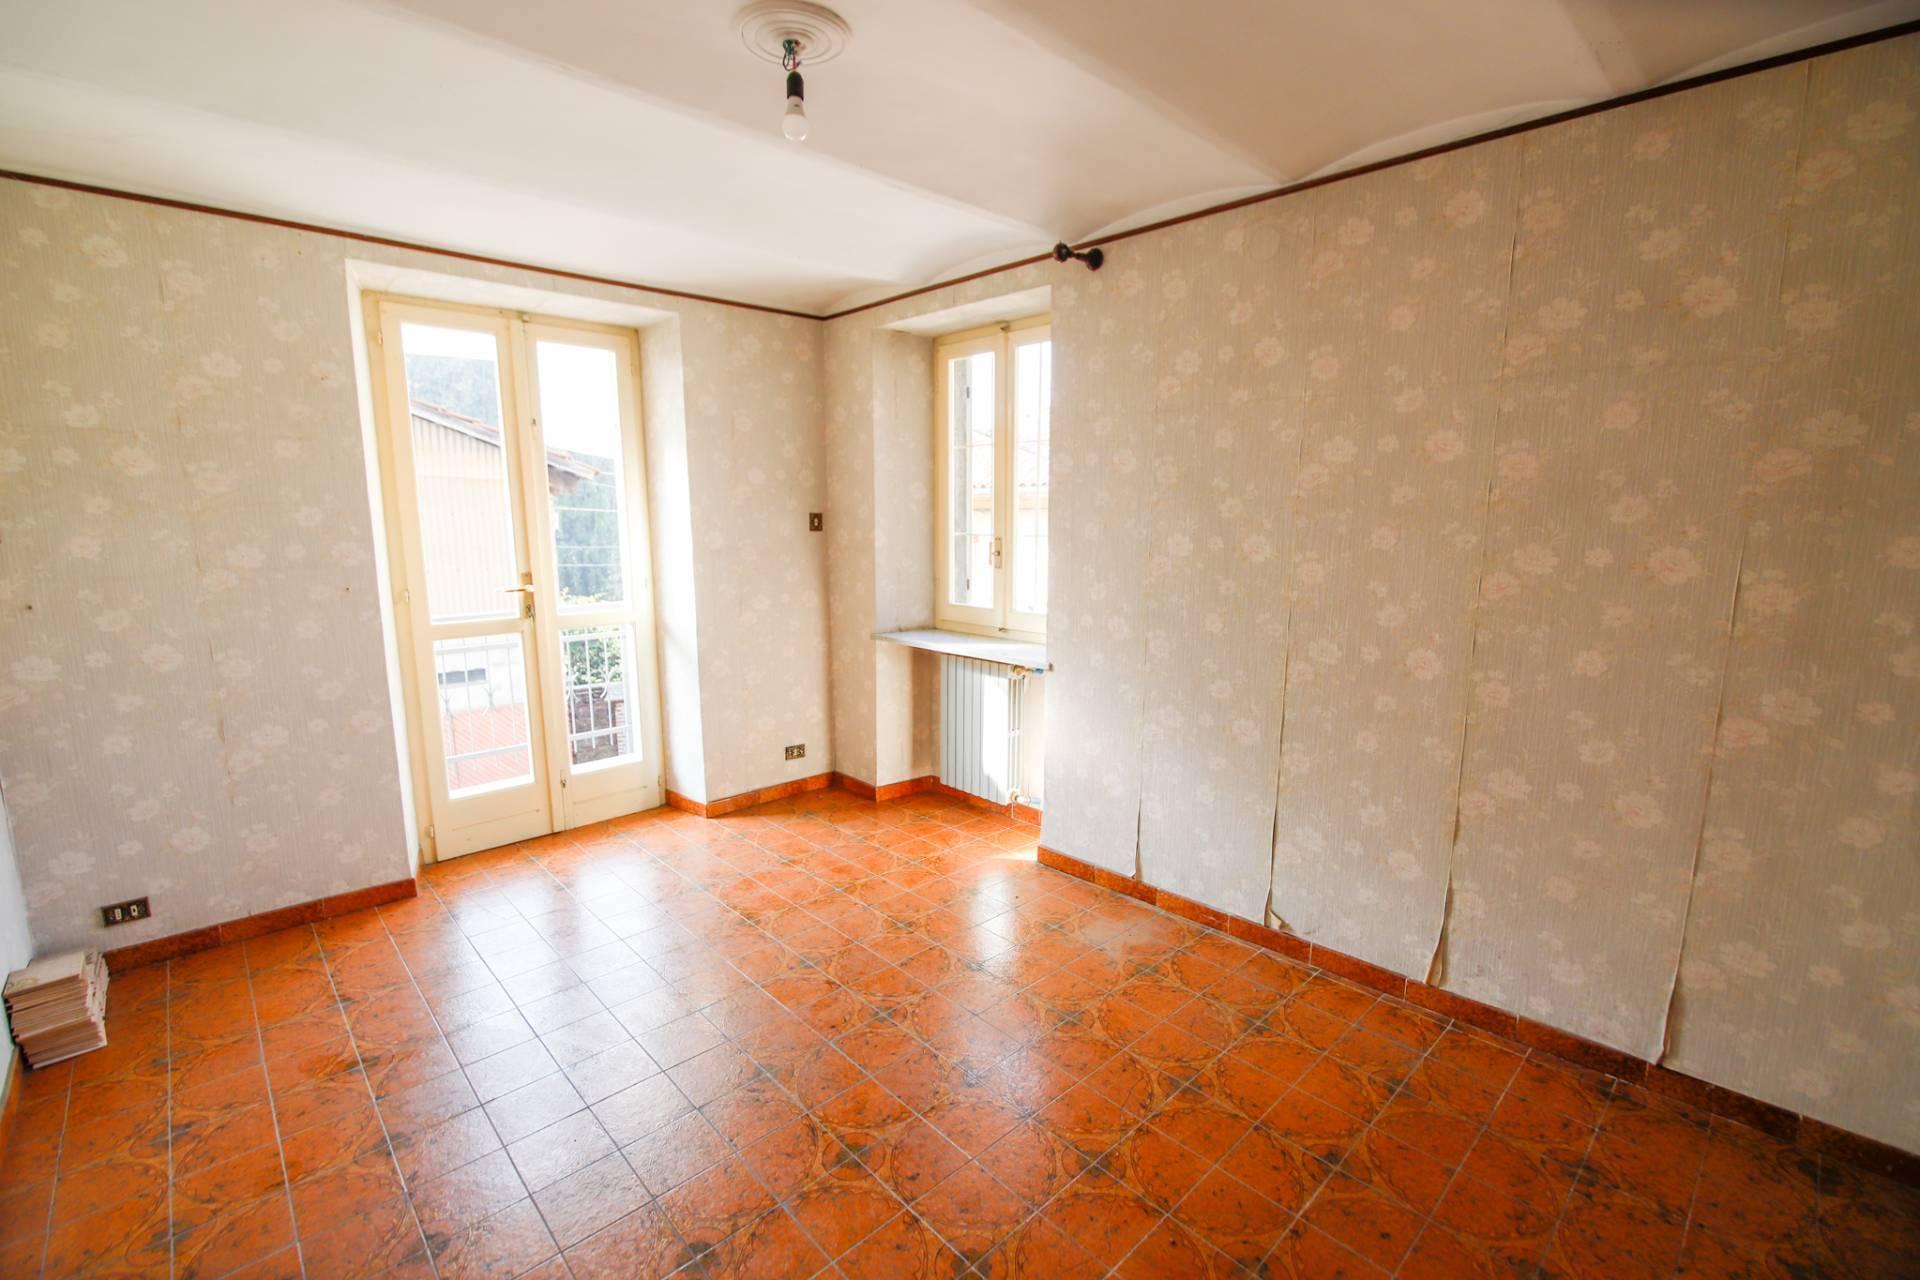 Appartamento in vendita a San Mauro Torinese, 5 locali, zona Località: SanMauroCentro, prezzo € 159.000 | CambioCasa.it